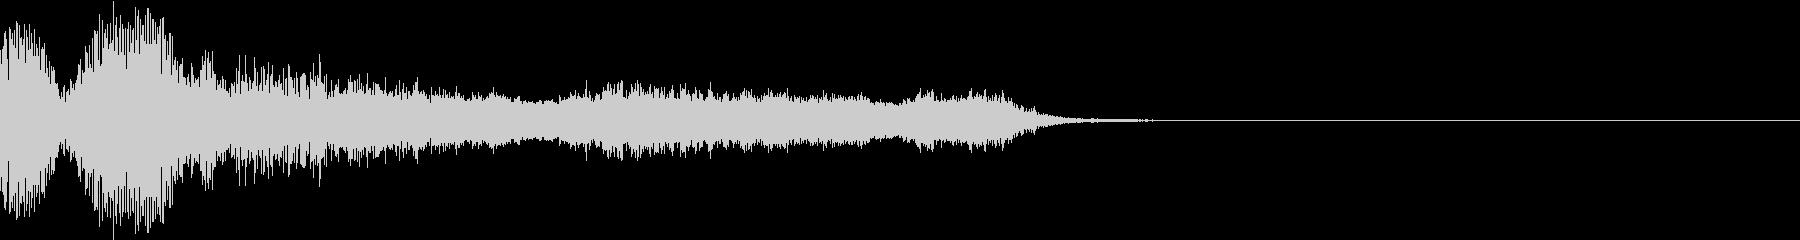 衝撃 ギター インパクト ノイズ 09の未再生の波形